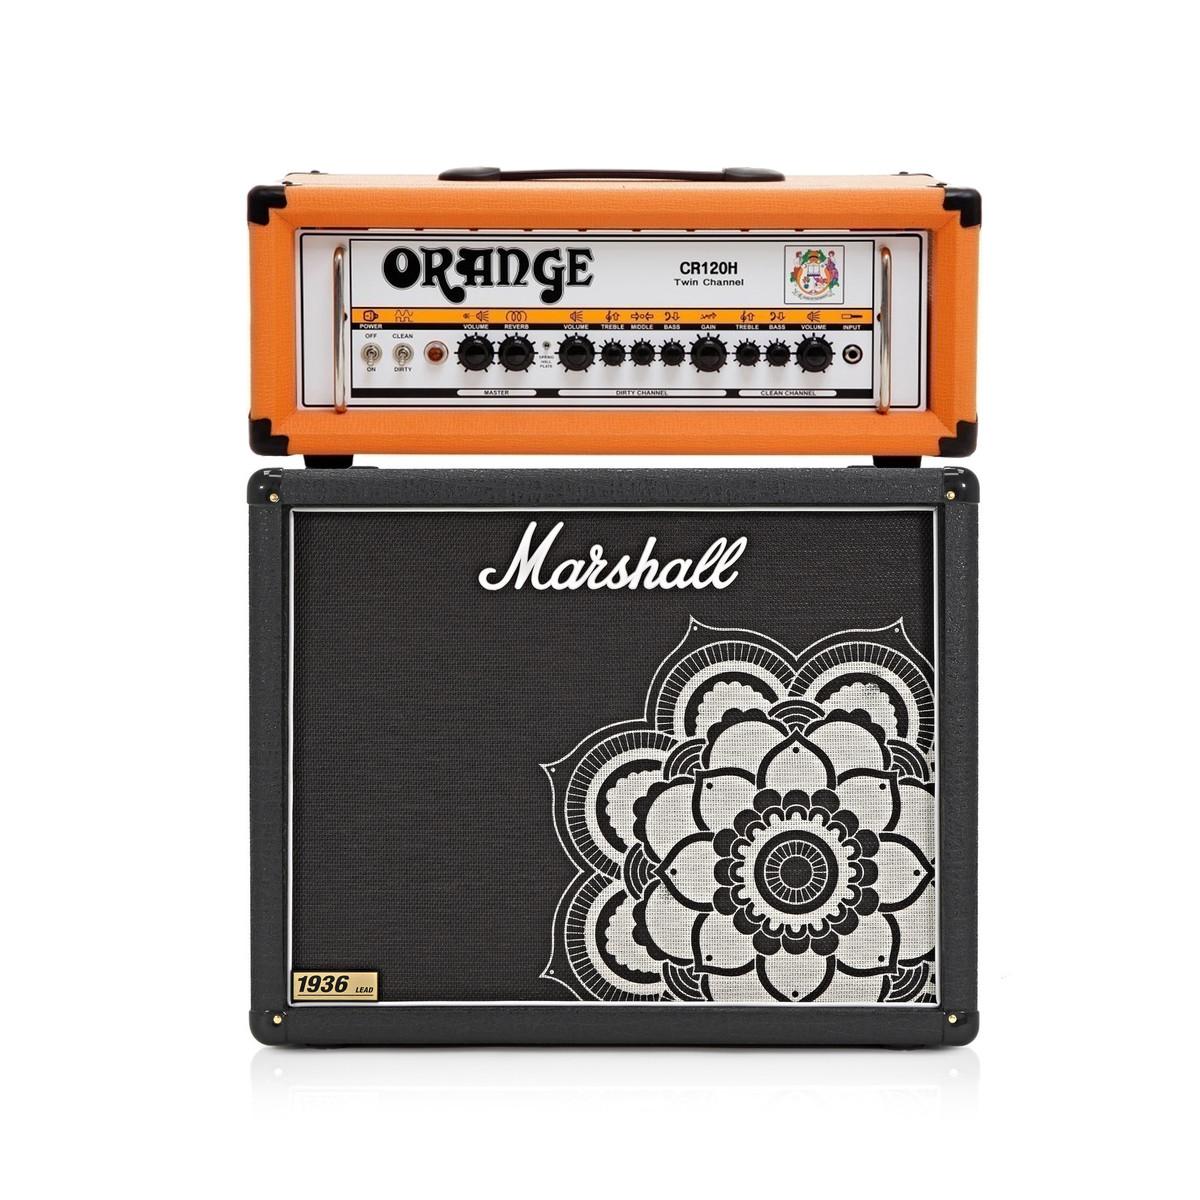 Bluetooth headphones marshall - bluetooth headphones over ear orange